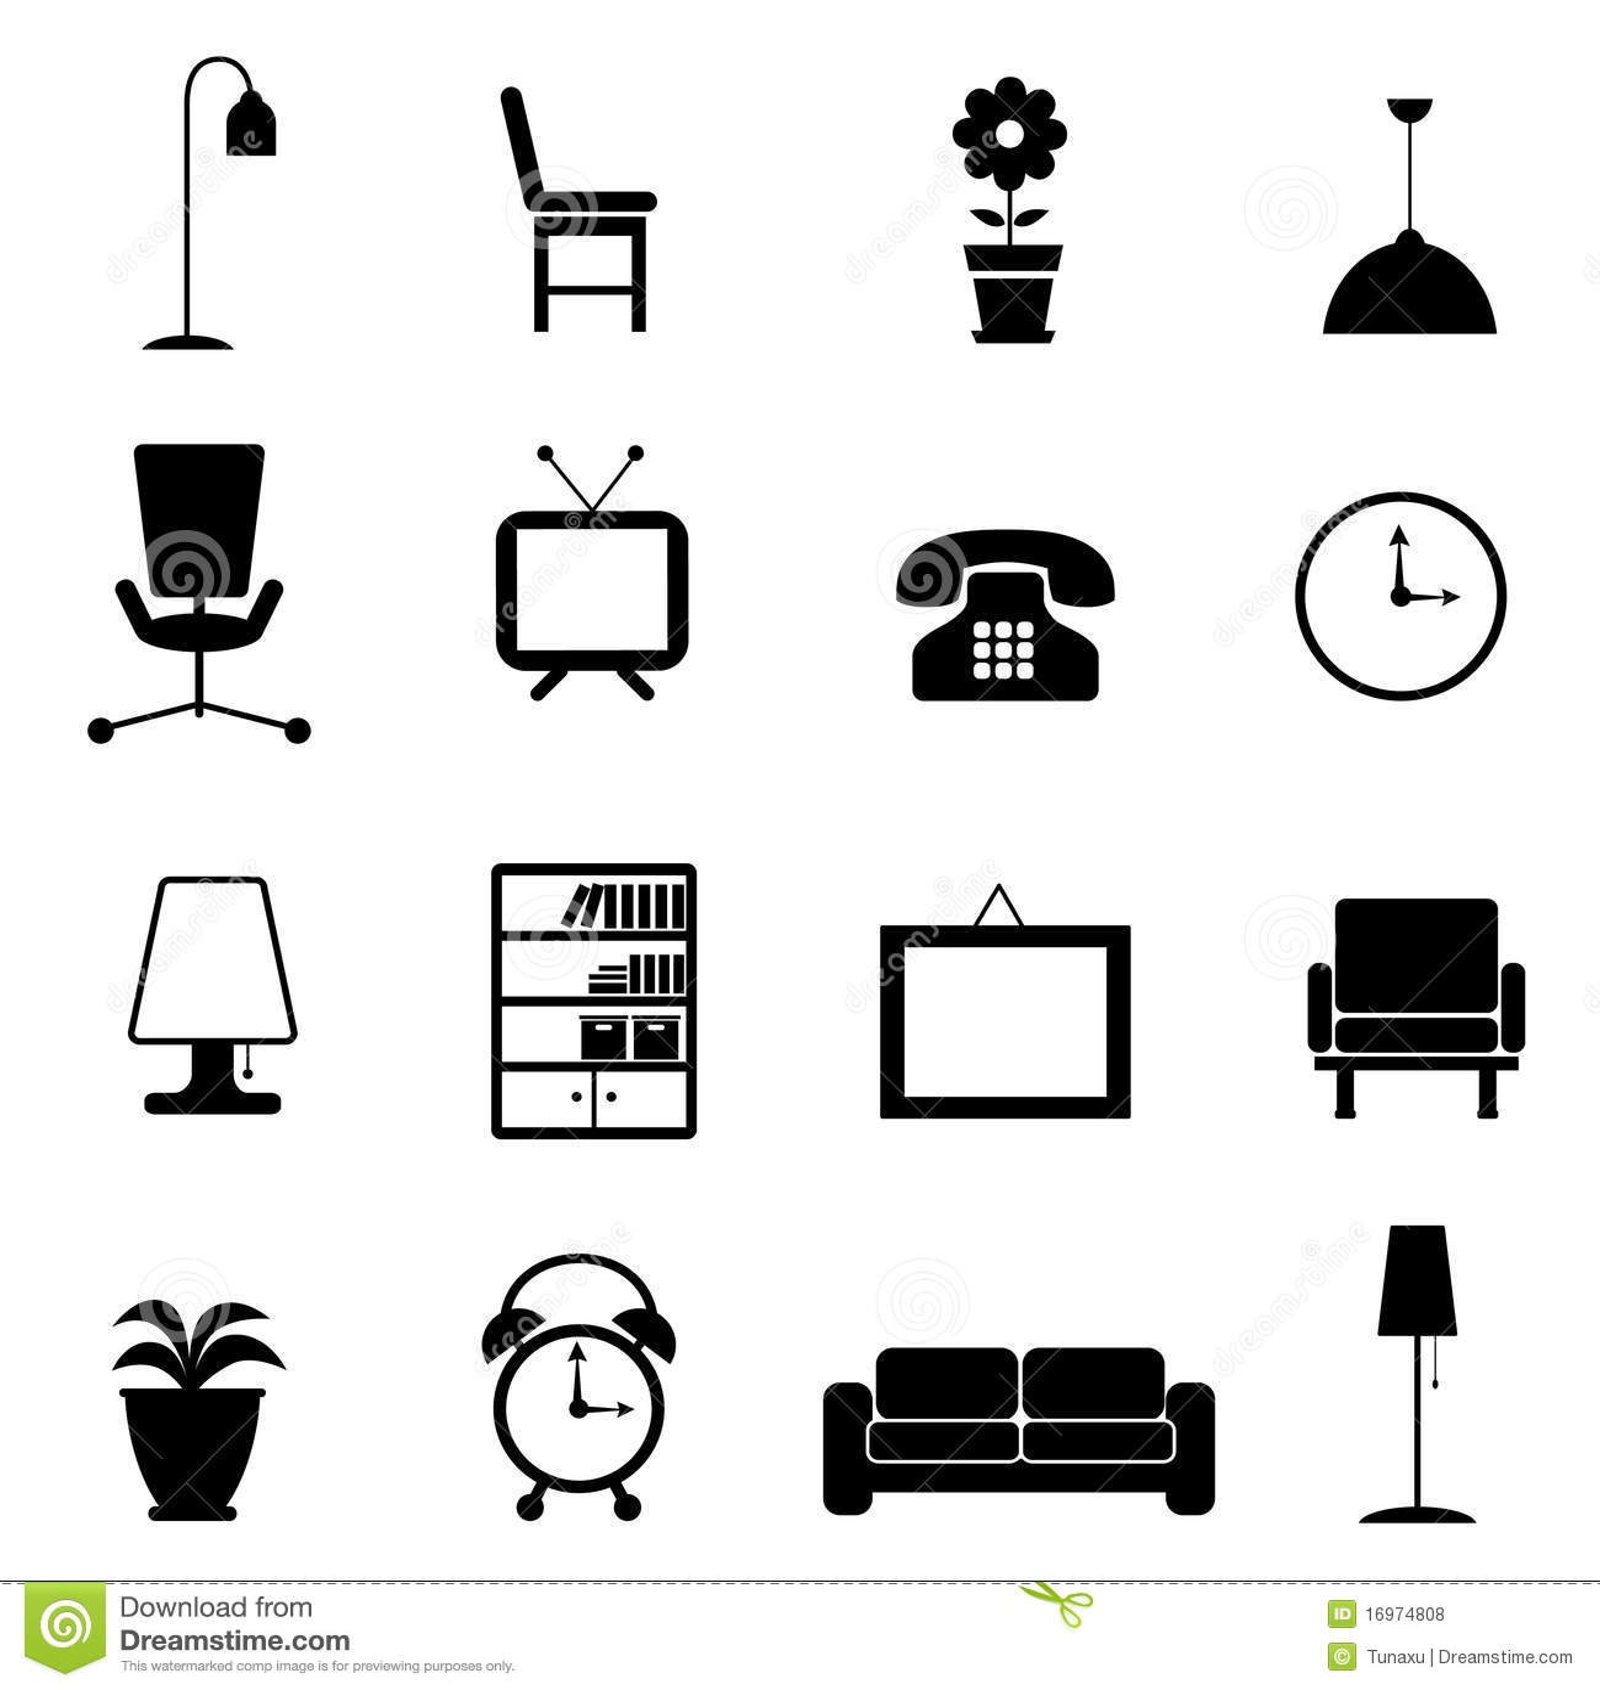 Icona della mobilia illustrazione vettoriale for Mobilia download